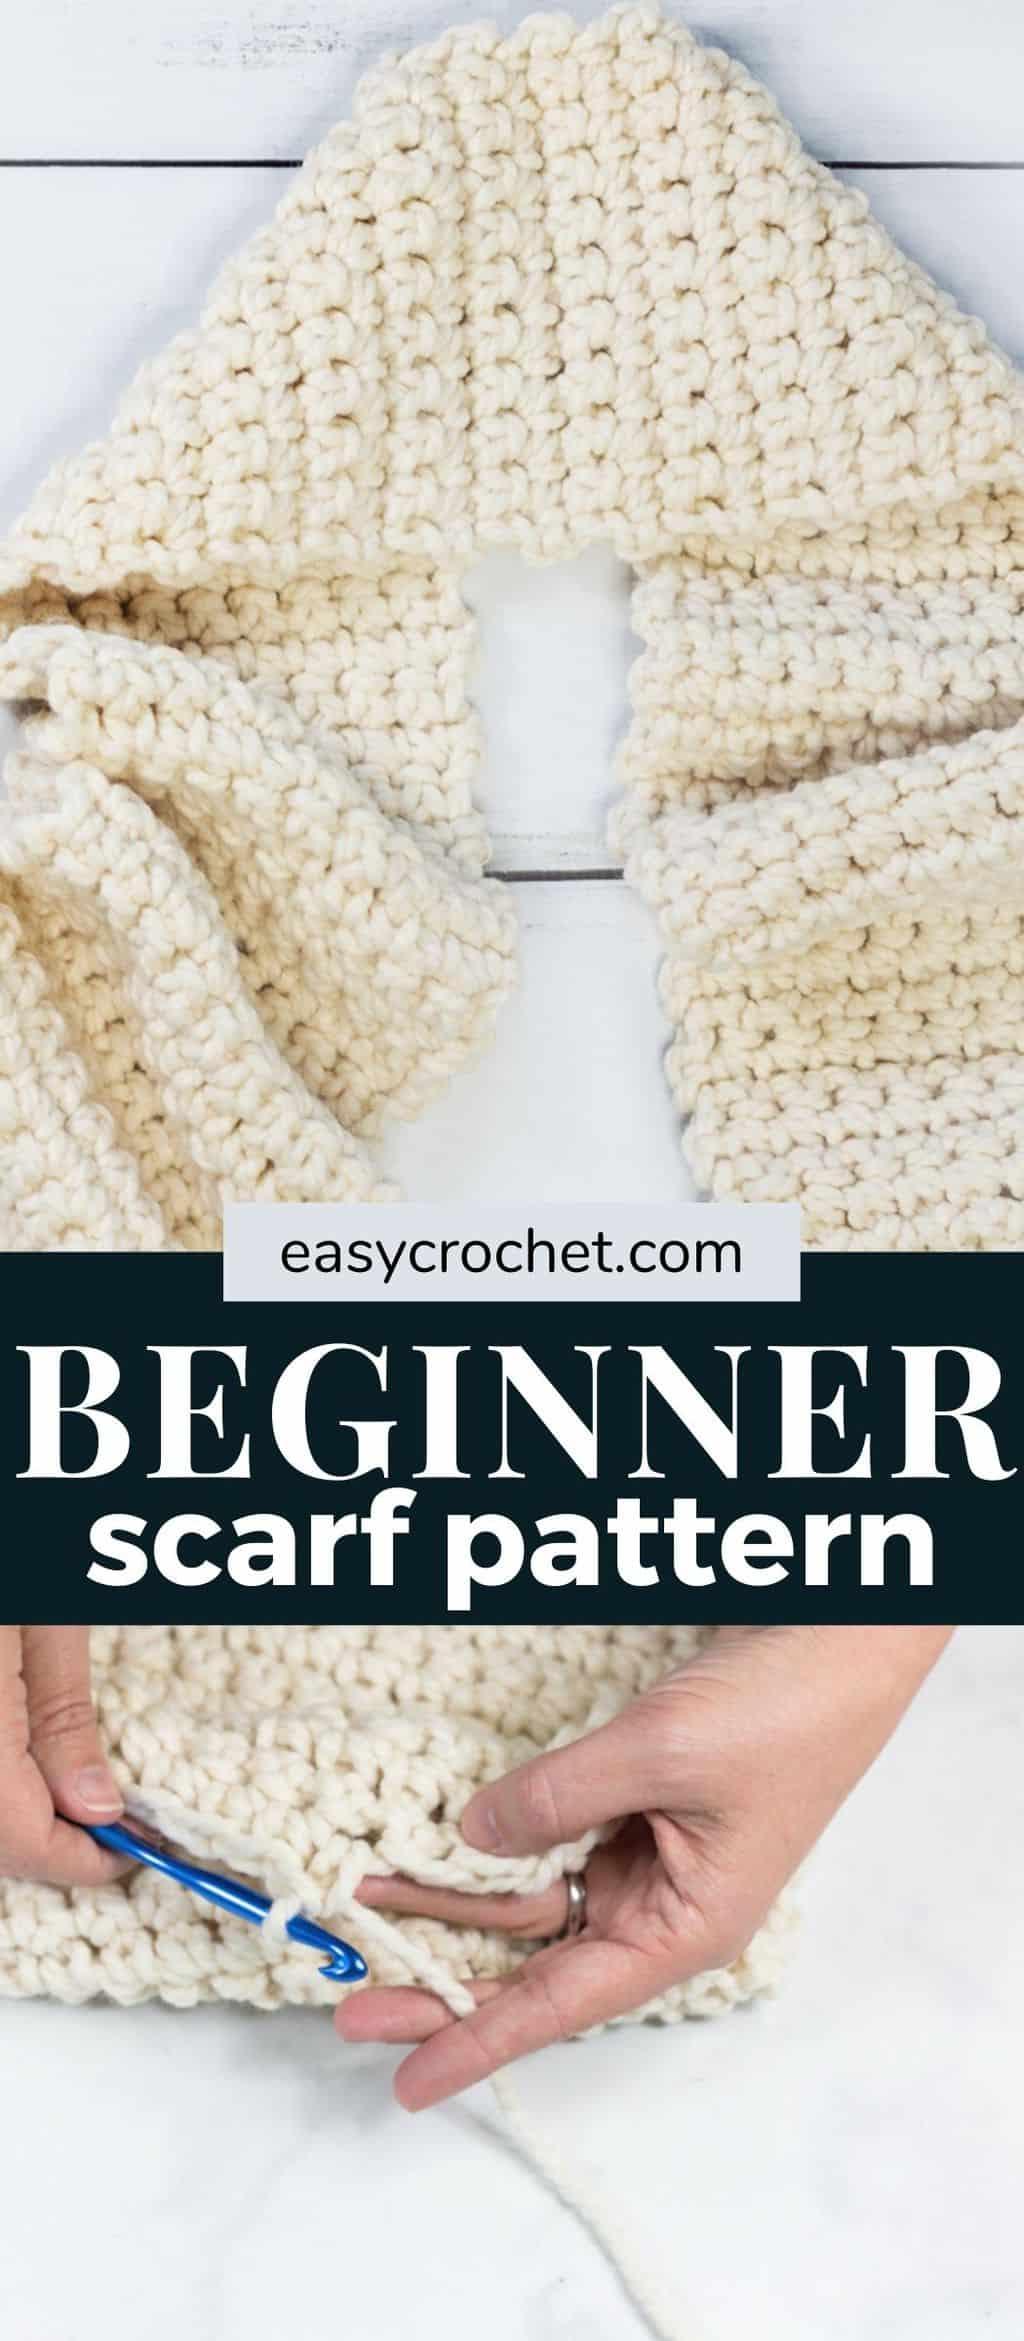 Easy Crochet Beginner Scarf Crochet Pattern via @easycrochetcom